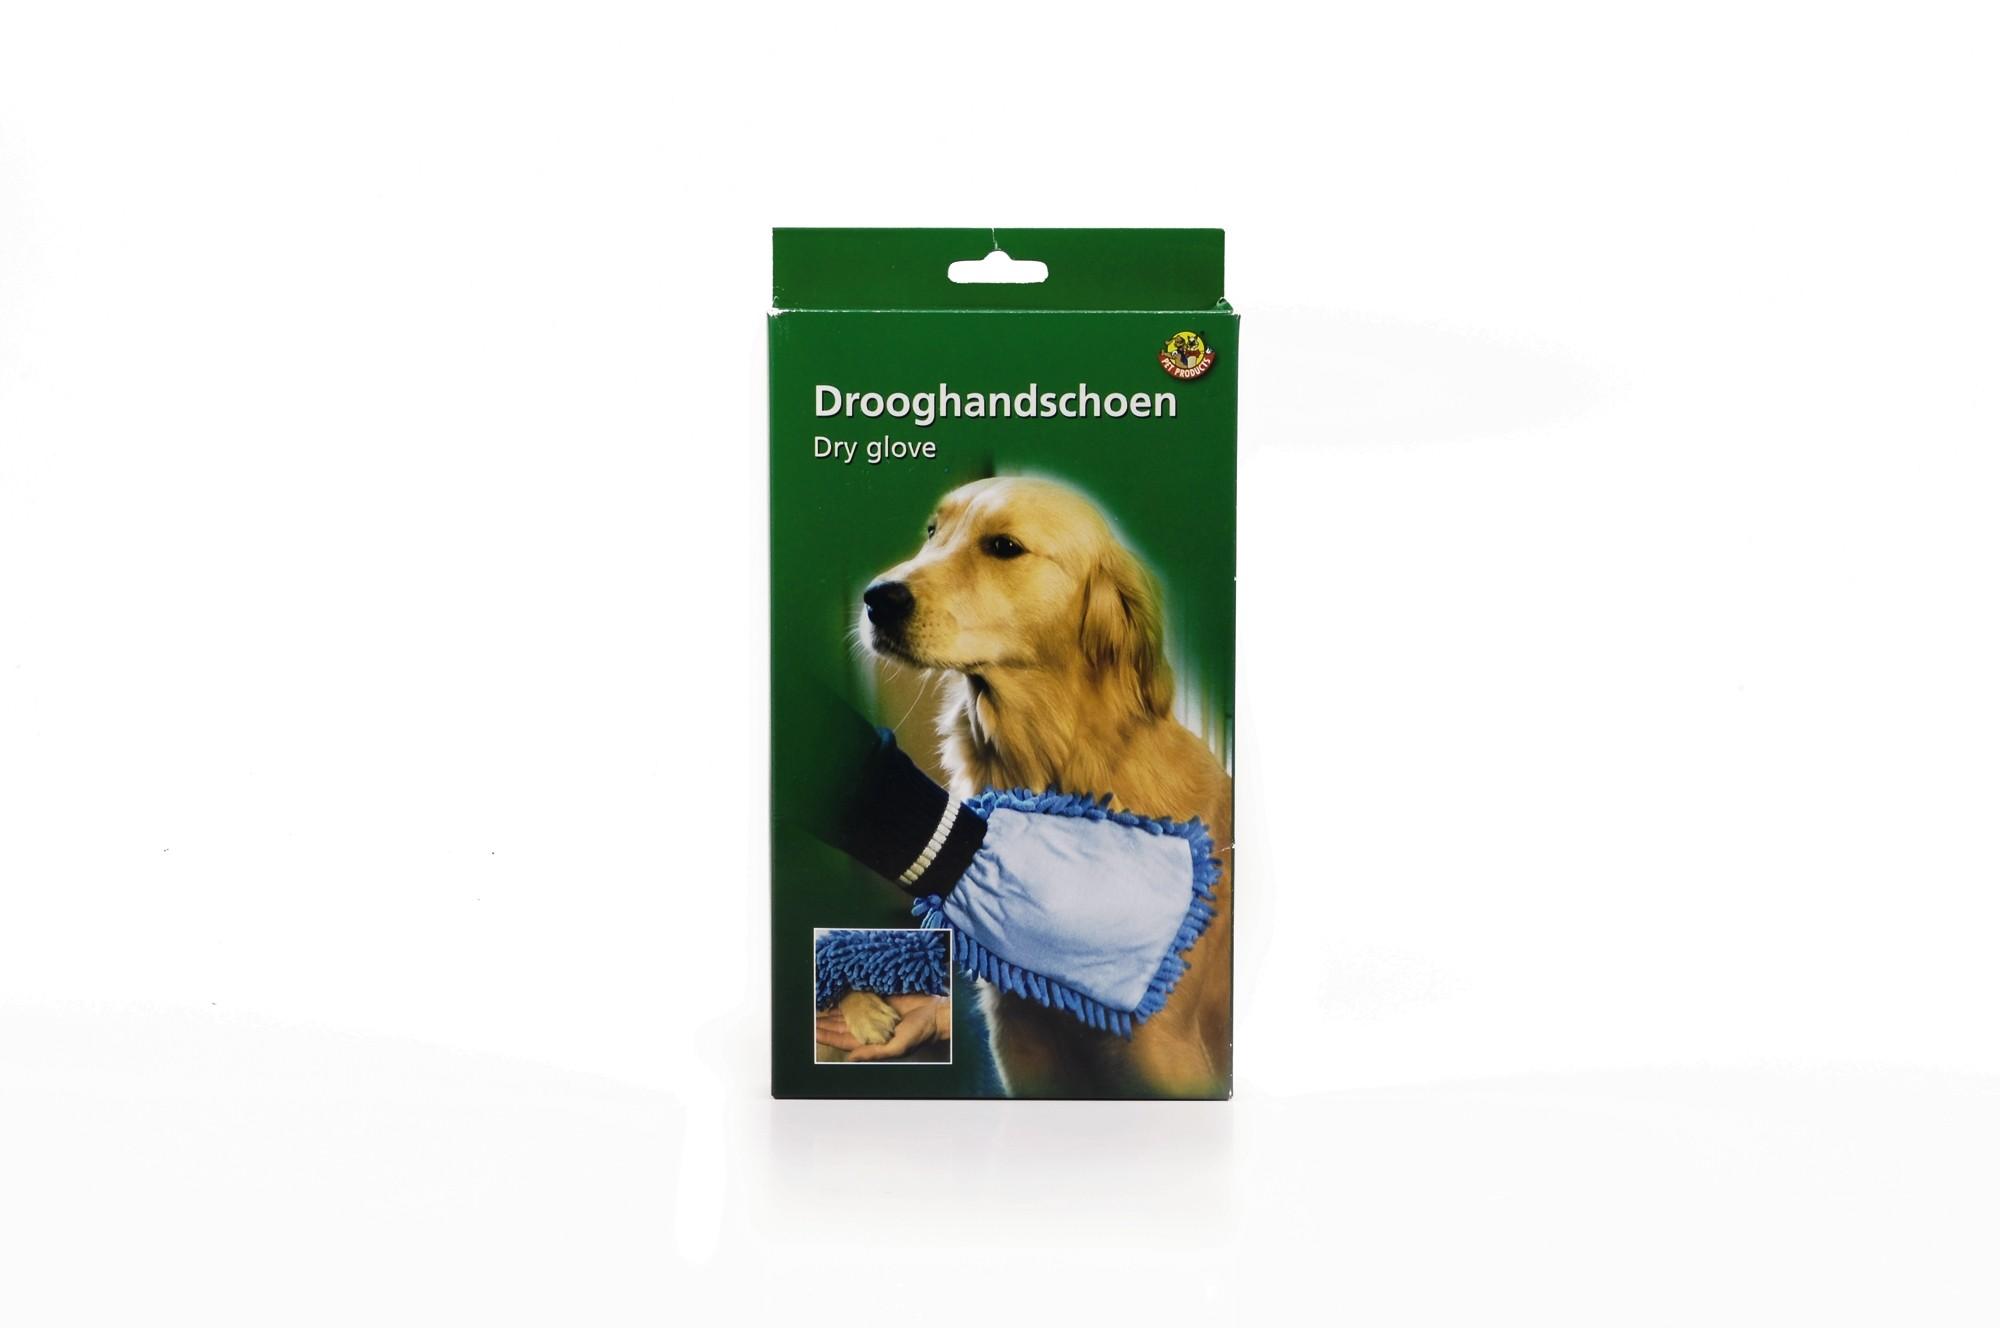 Van Riel Drooghandschoen Microvezel voor de hond